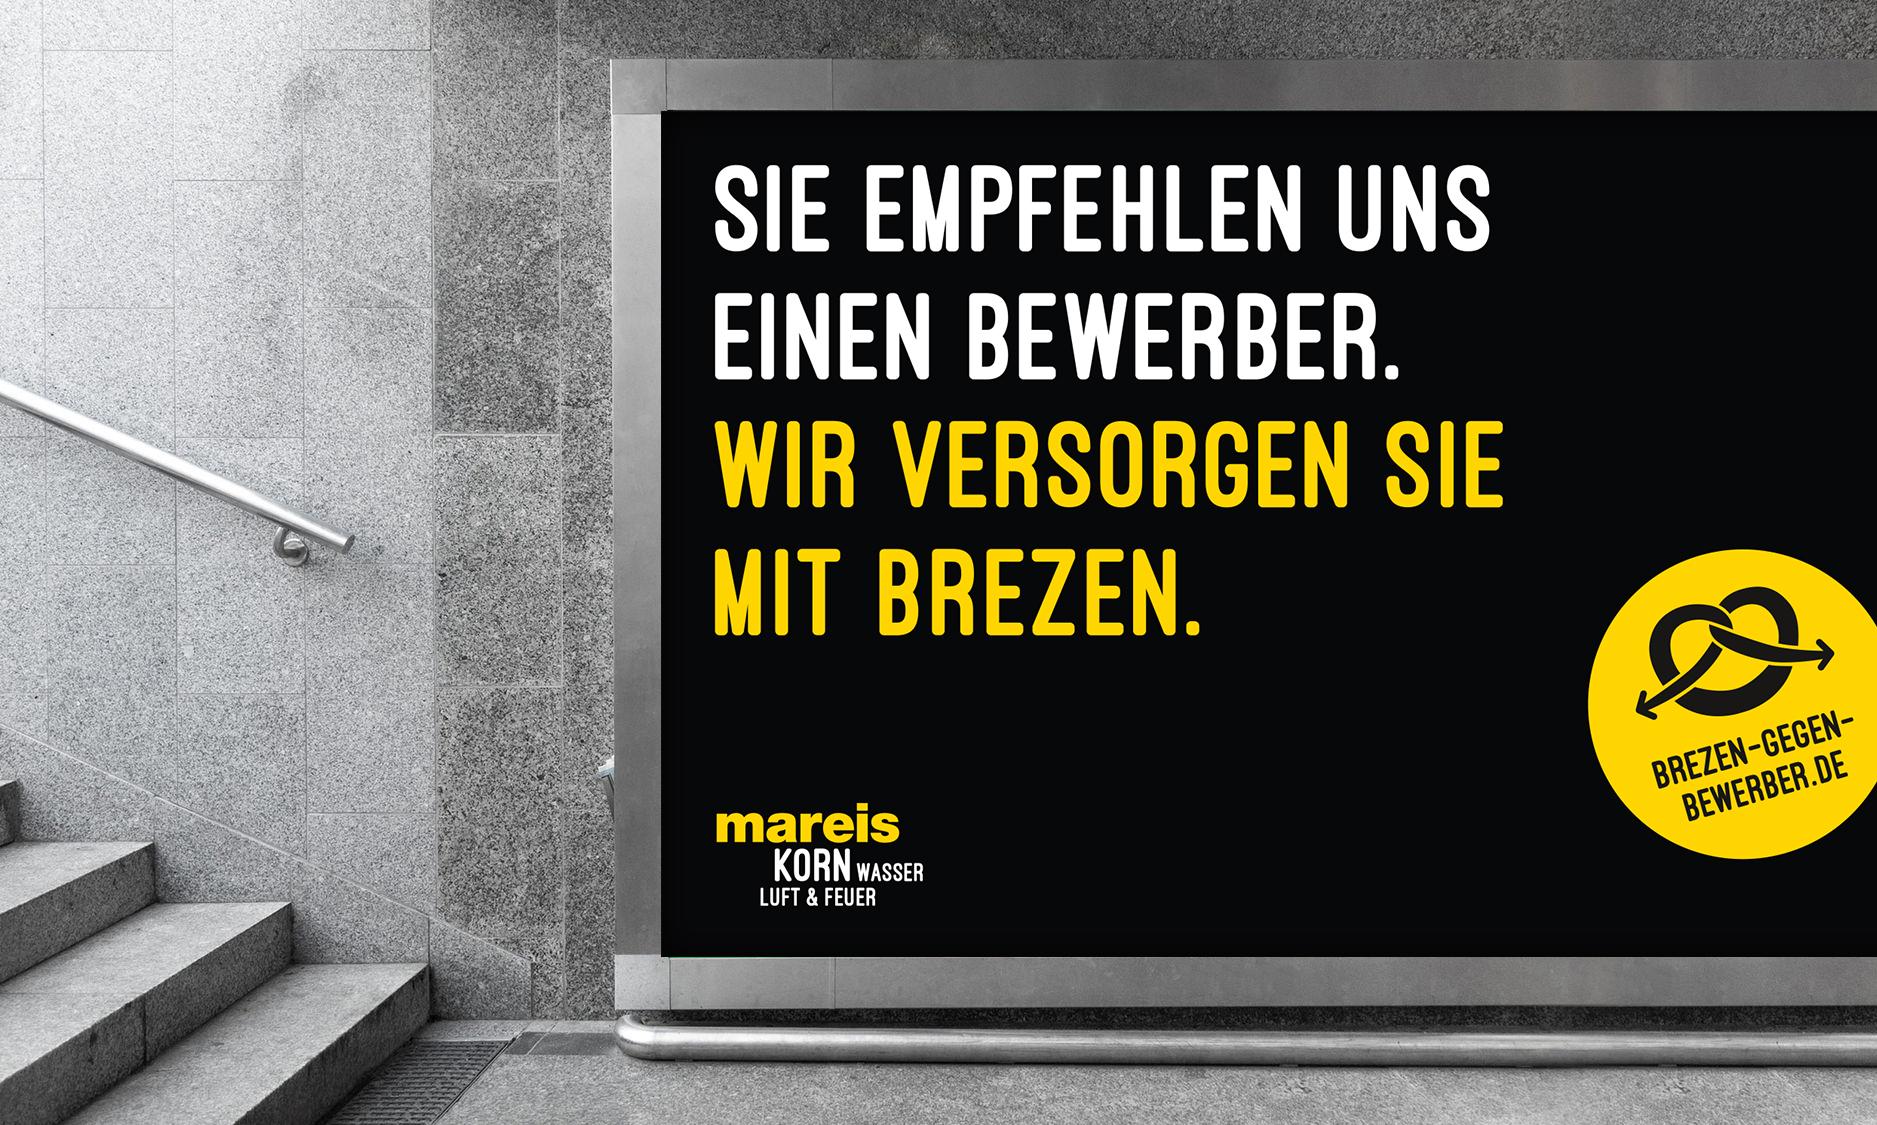 Bäckerei Kampagne Brezen-gegen-Bewerber